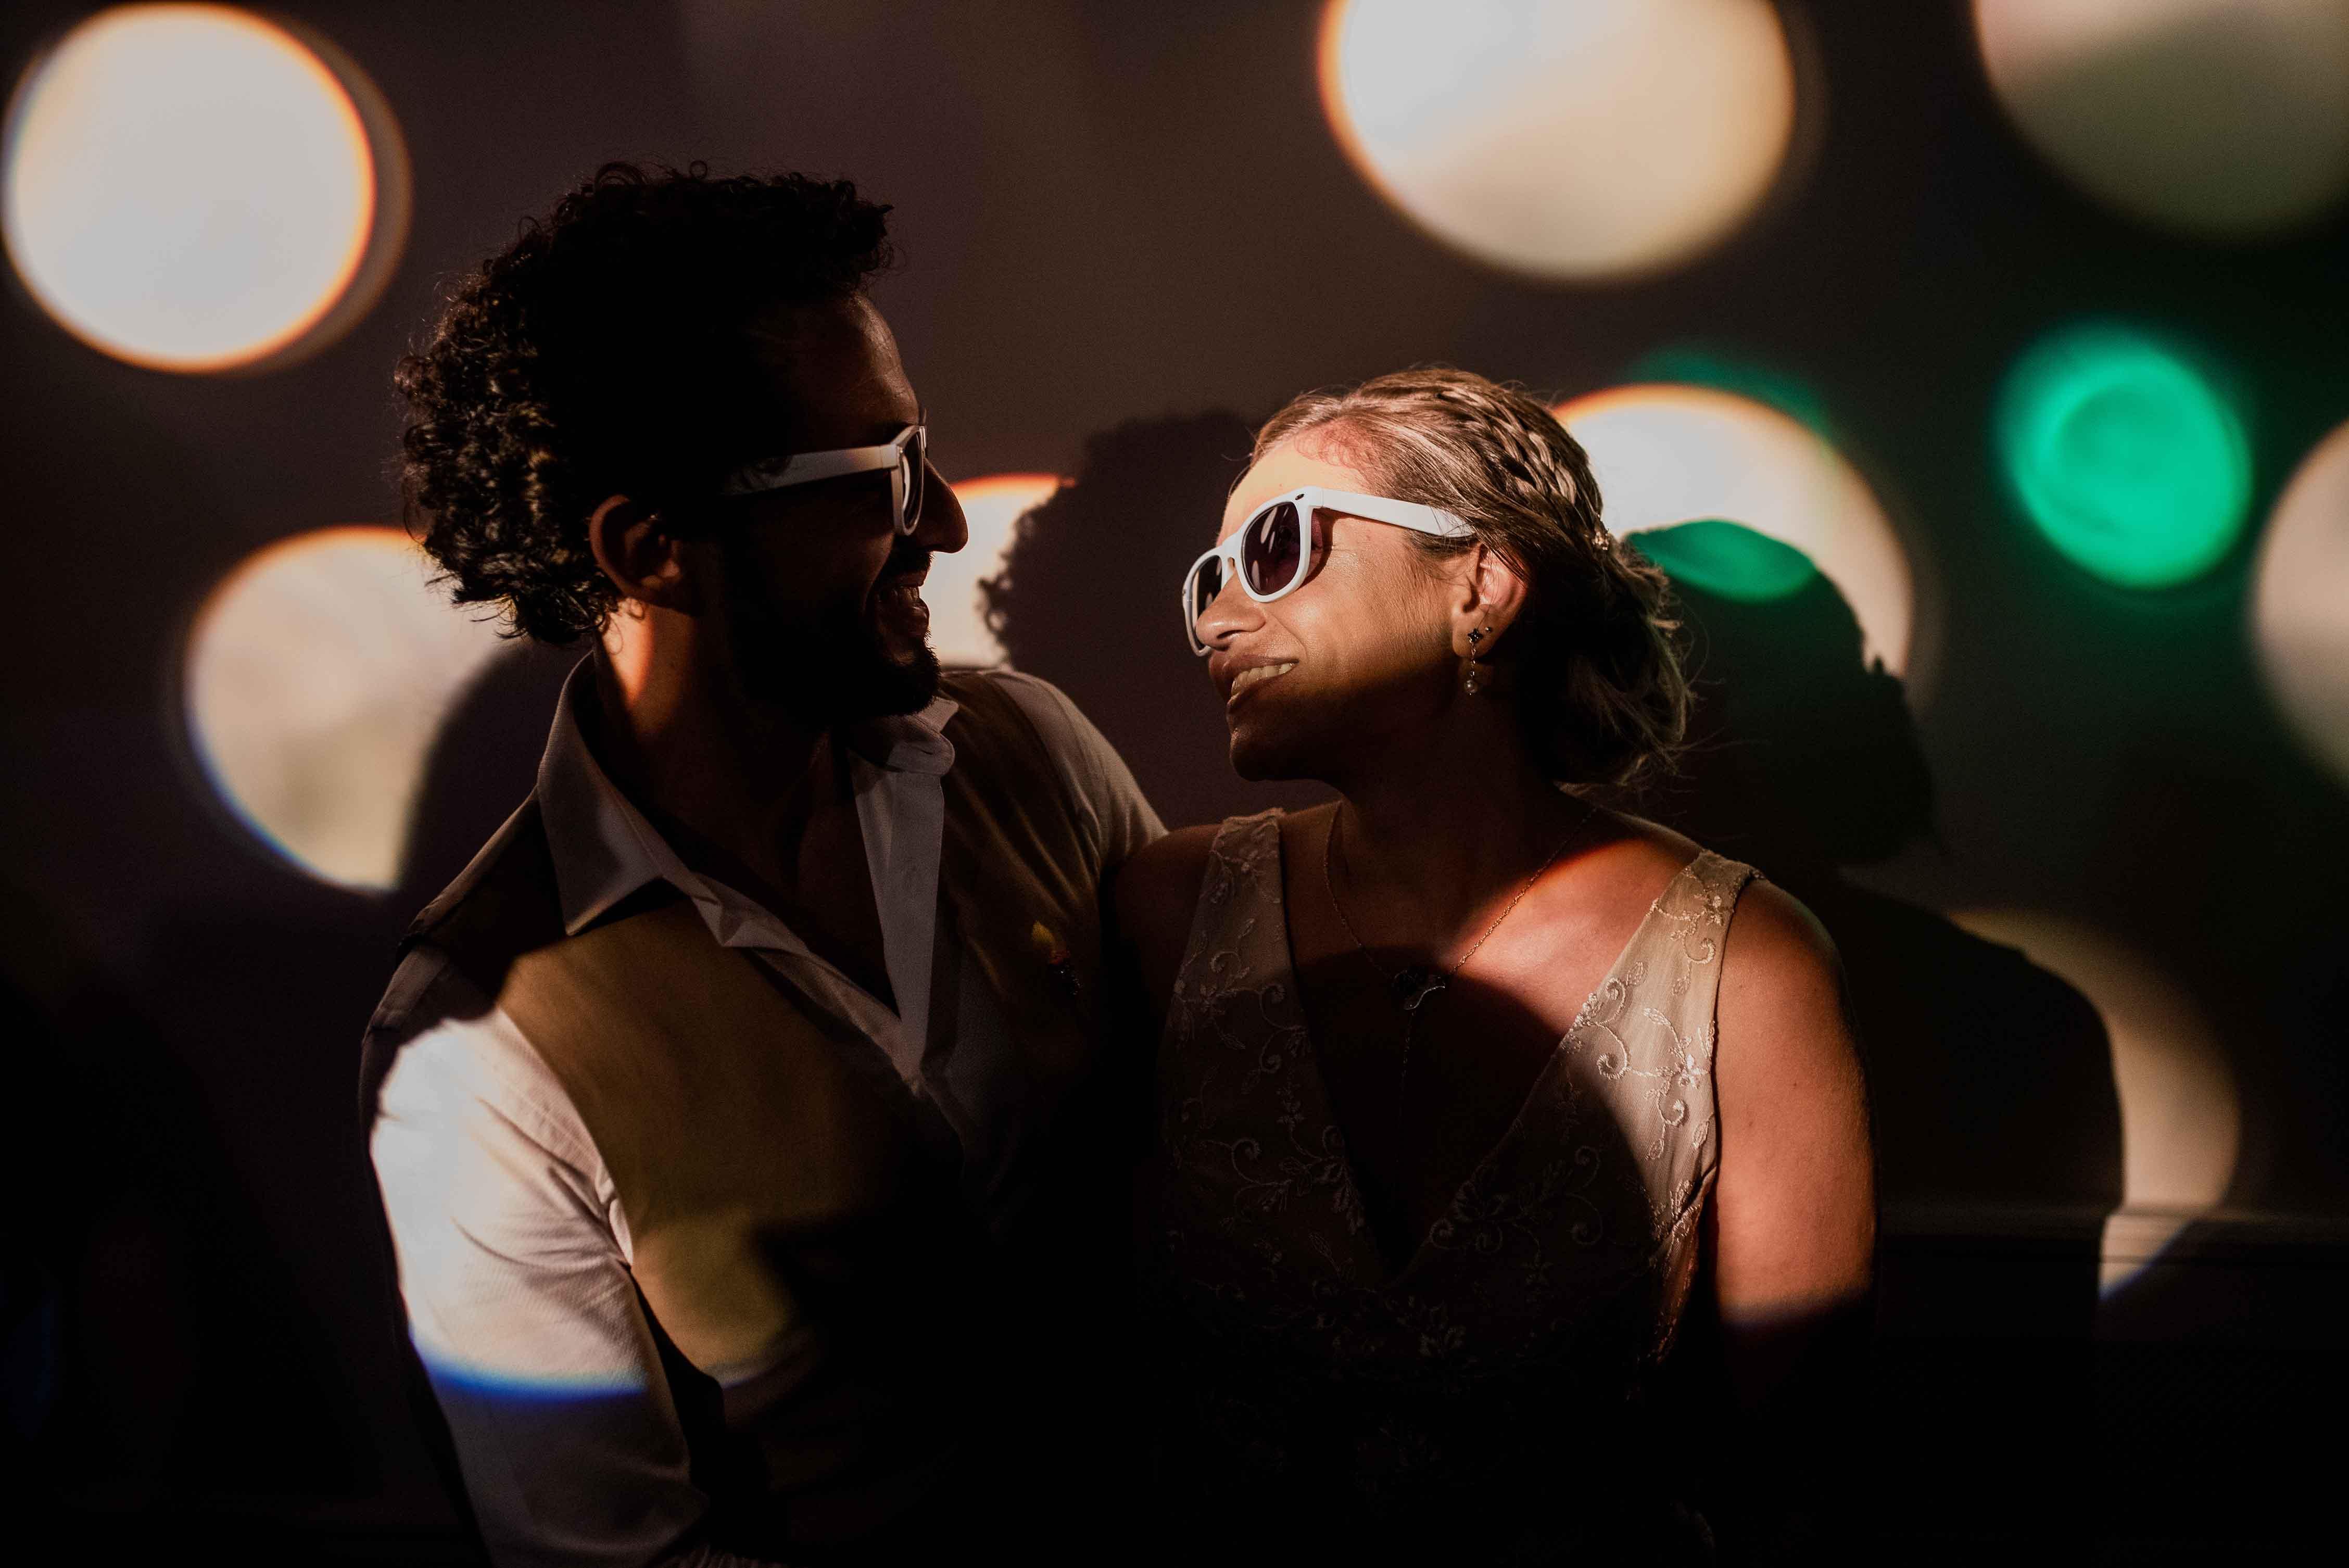 Fotos de la boda de Ana y Mauri en Rosario realizadas por Bucle Fotografias Flor Bosio y Caro Clerici